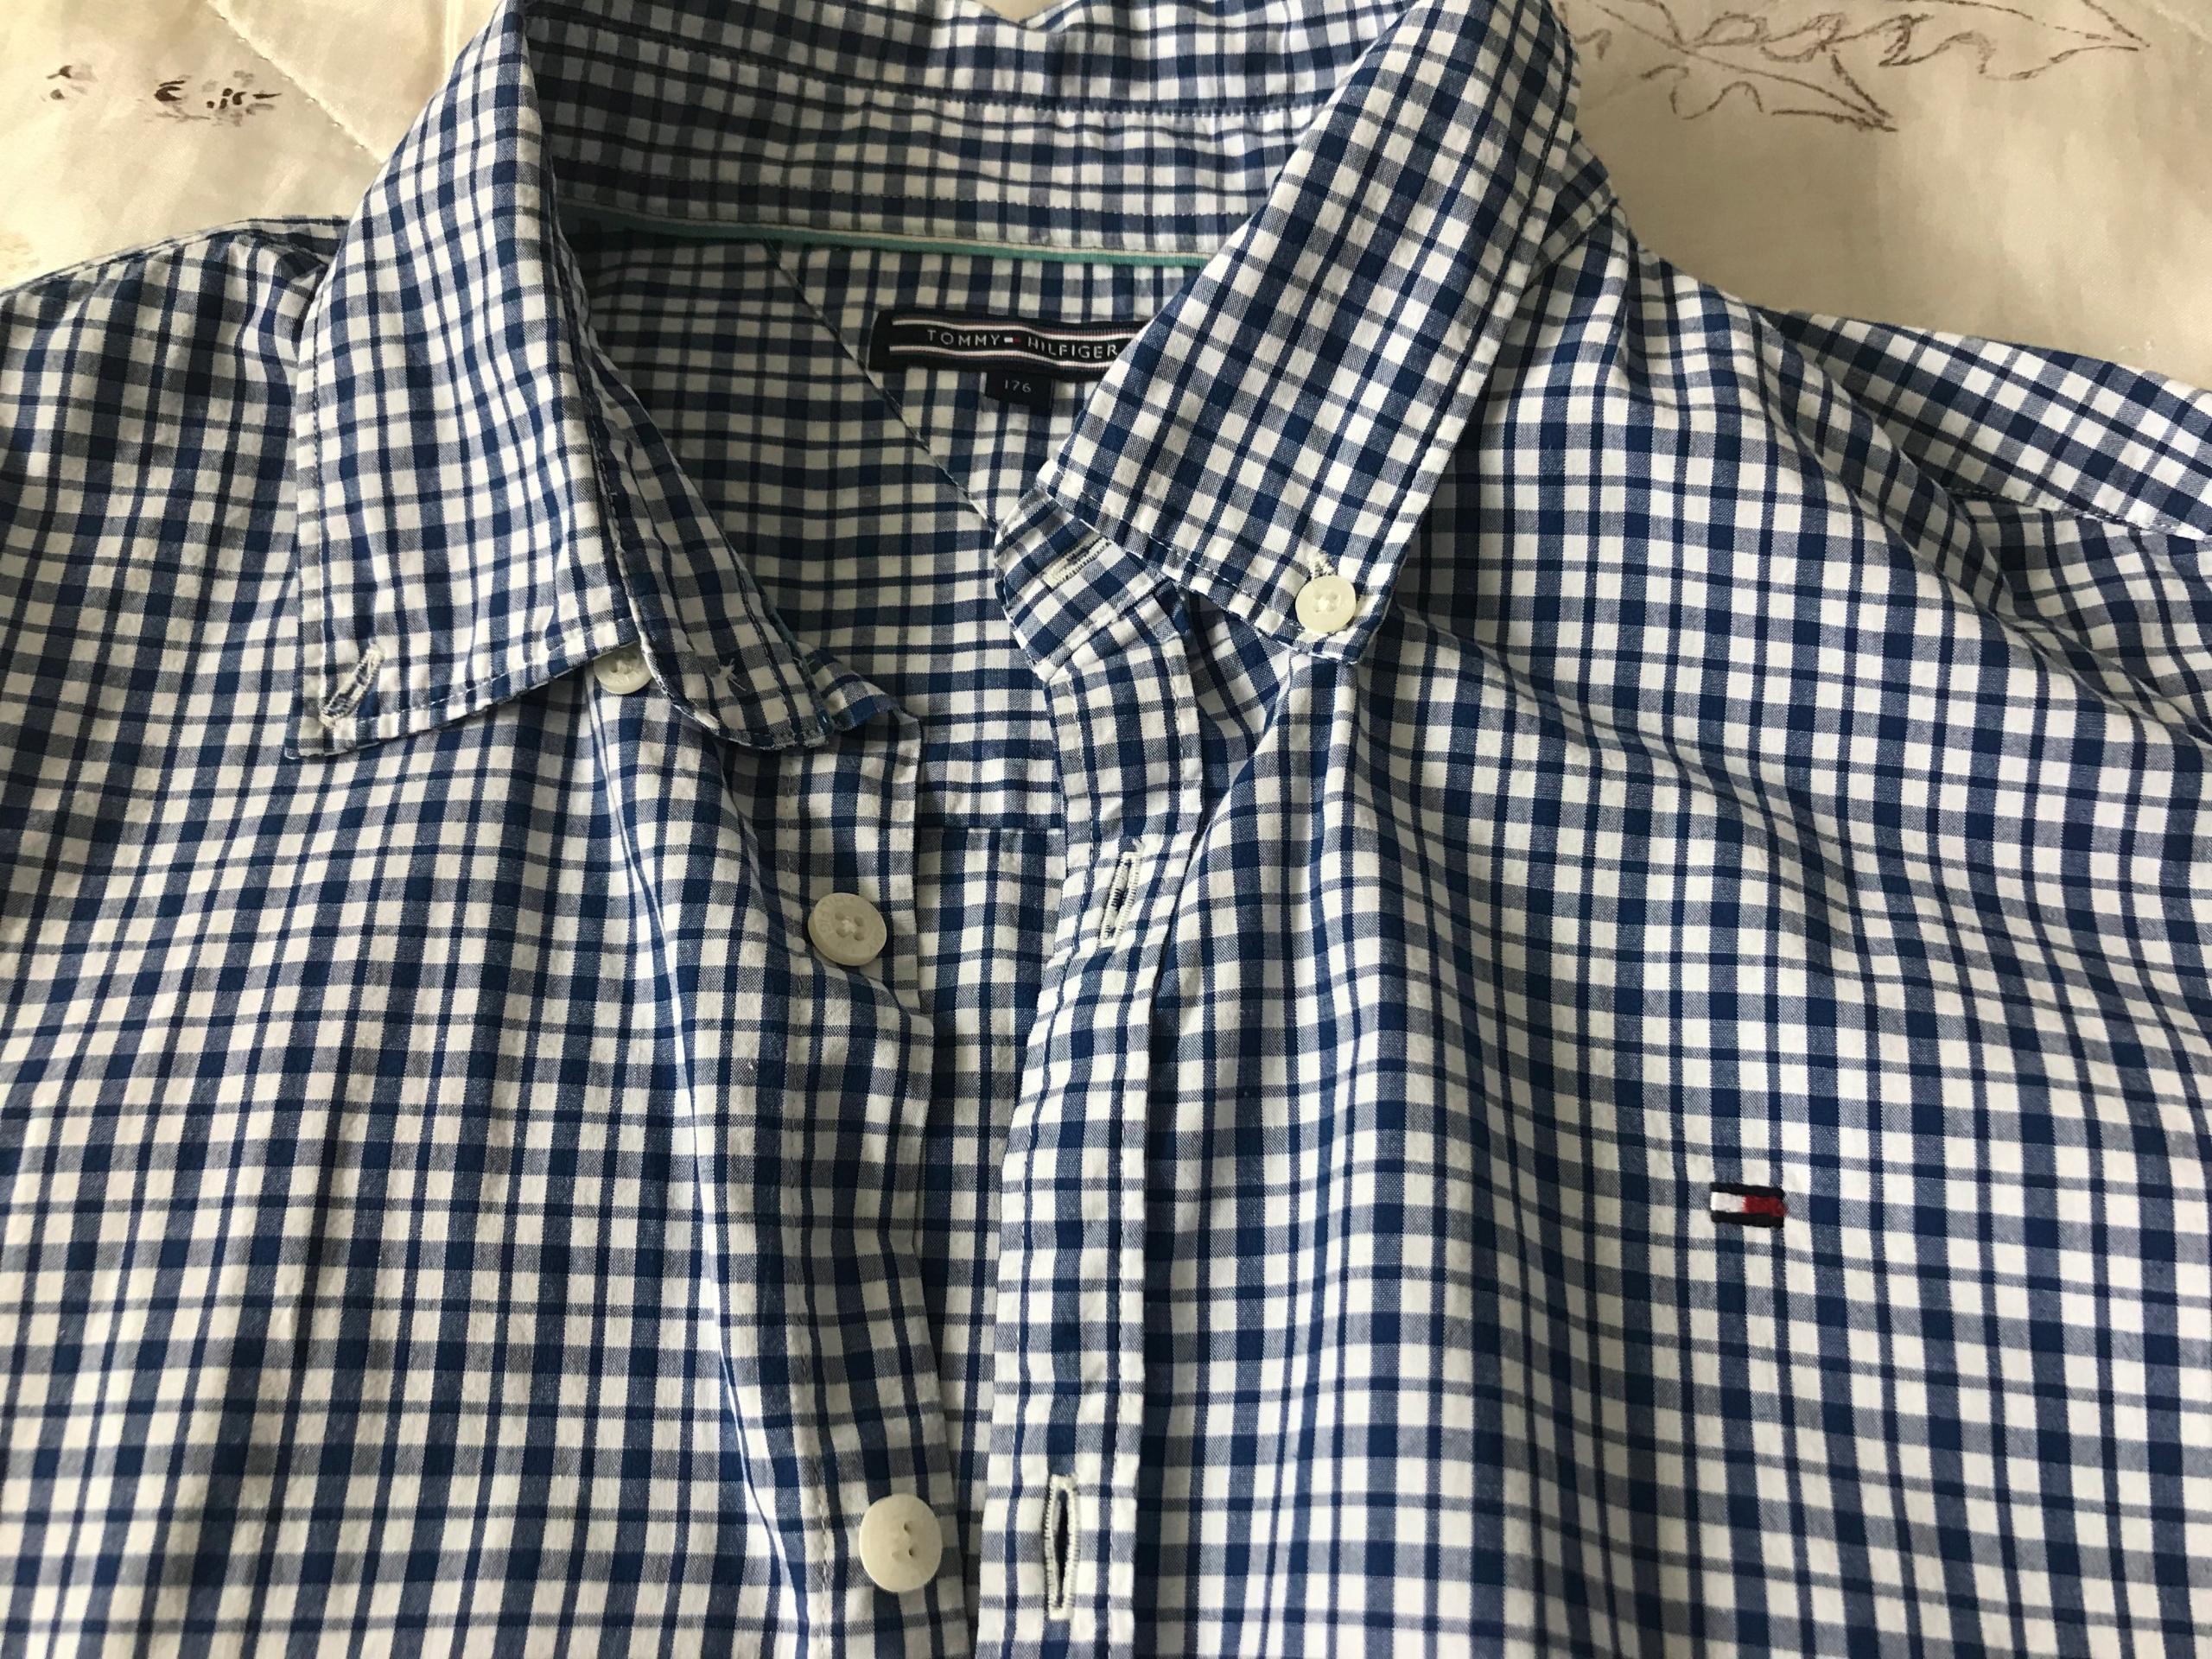 Koszula męska w kratę Tommy Hilfiger rozmiar S